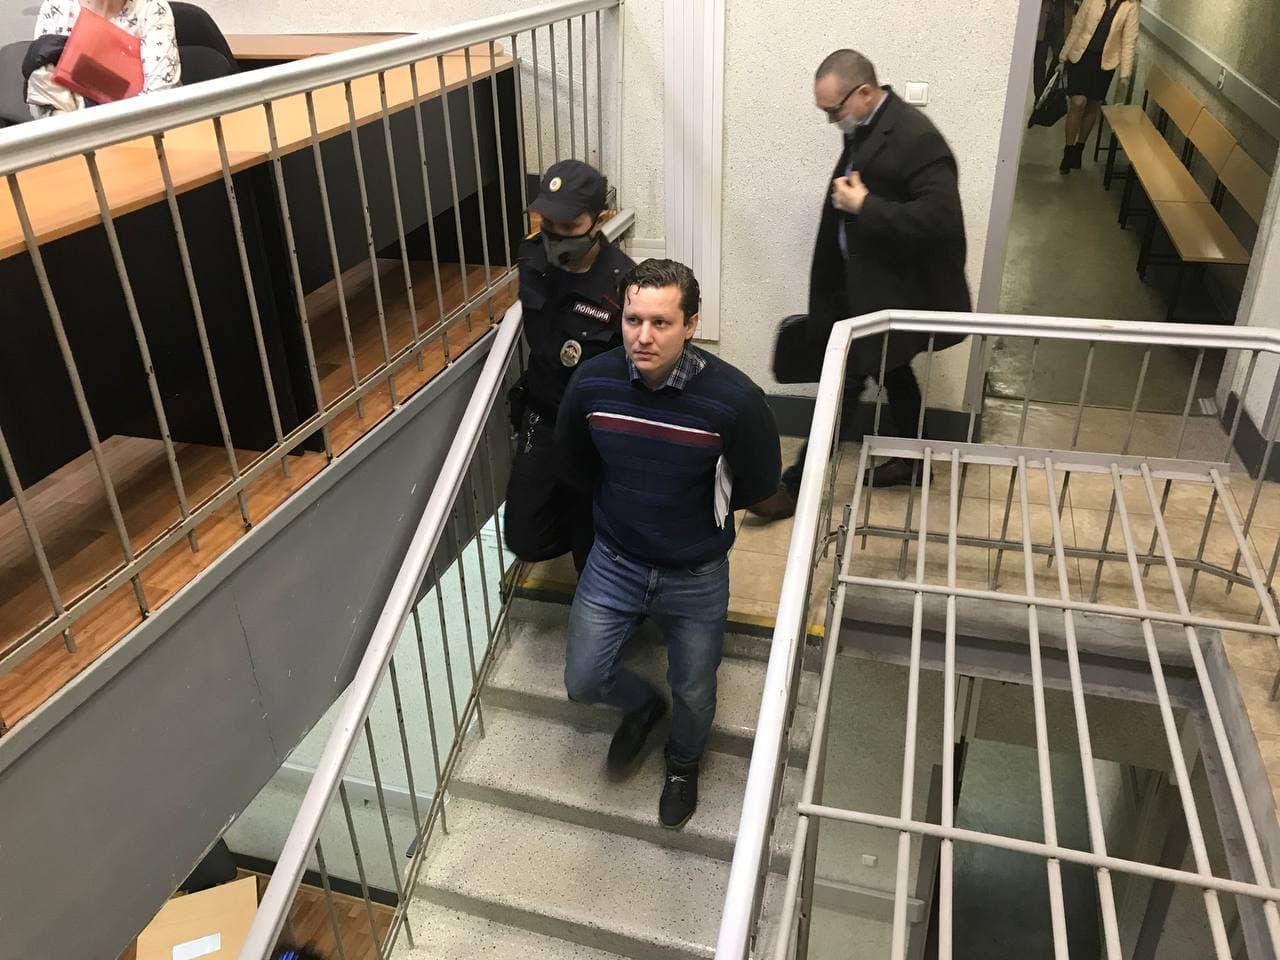 Суд в Петербурге отложил заседание по делу участника акции 23 января о нападении на сотрудников ГИБДД